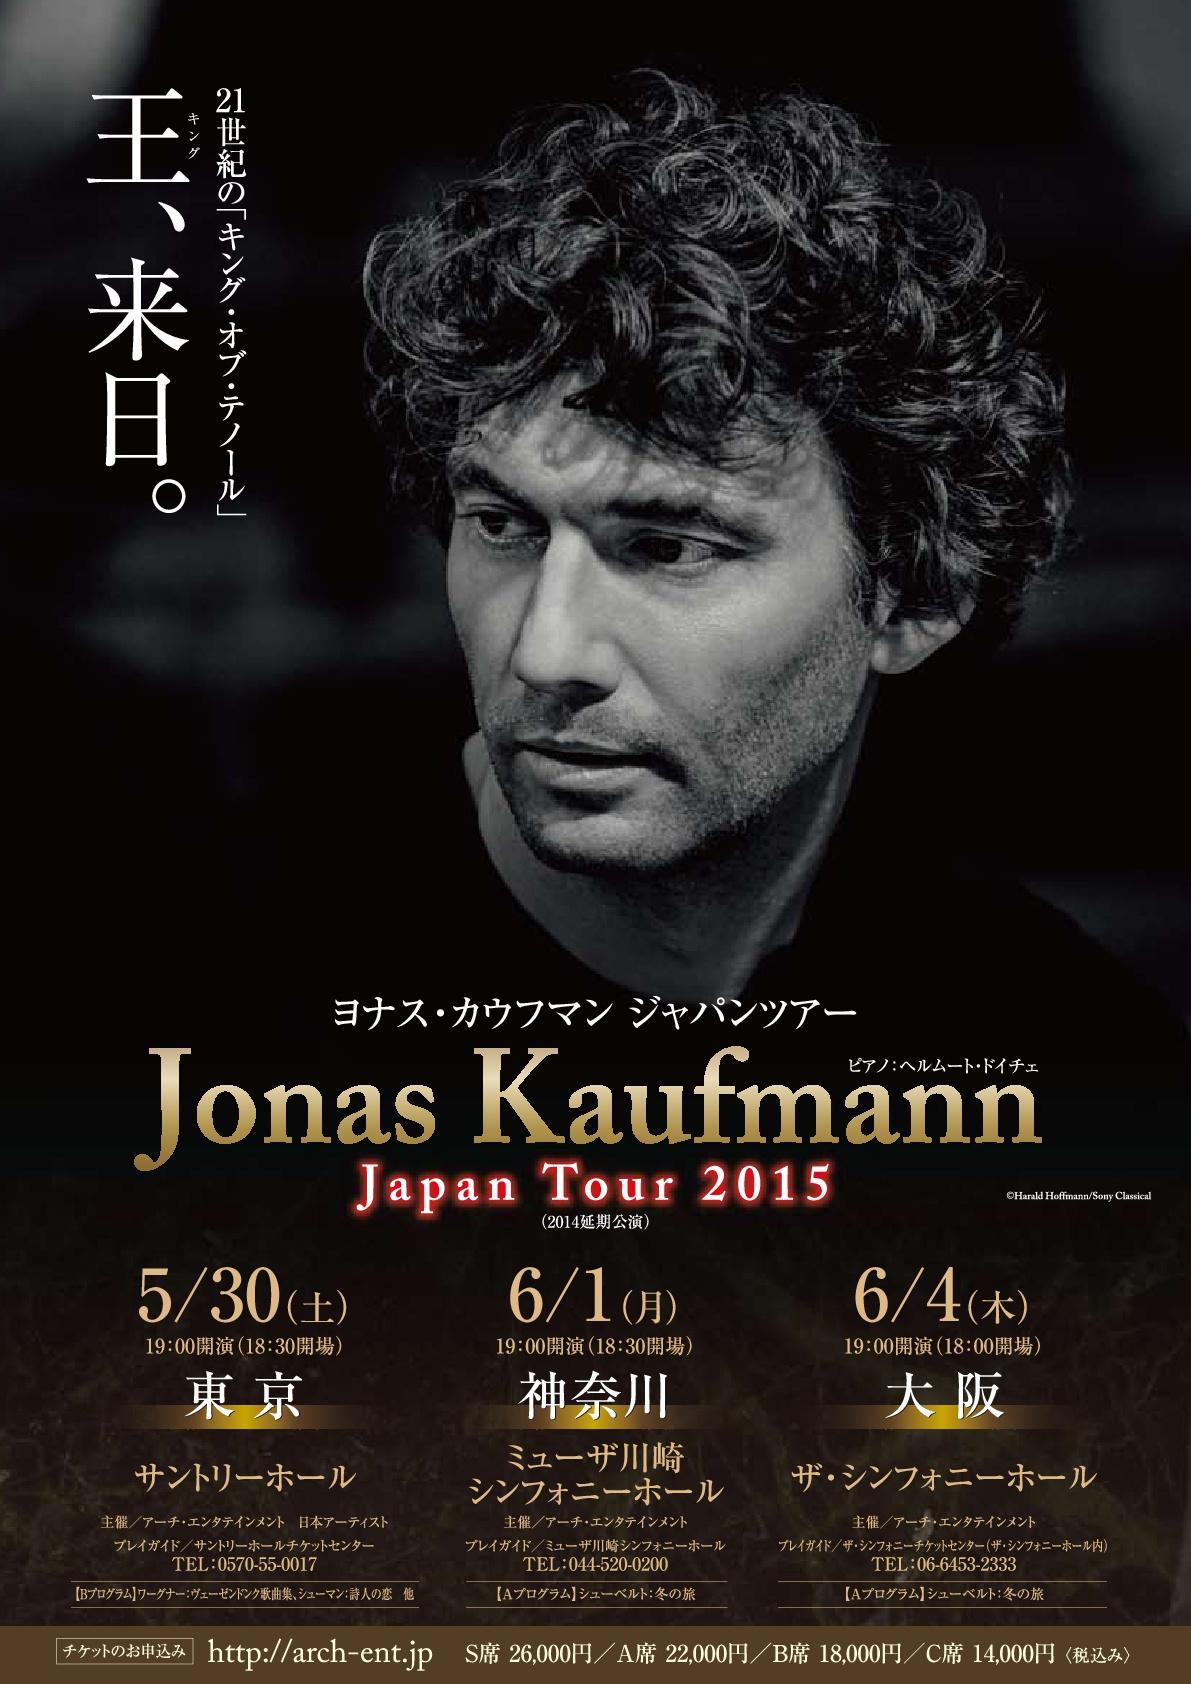 ヨナス・カウフマン ジャパンツアー2015